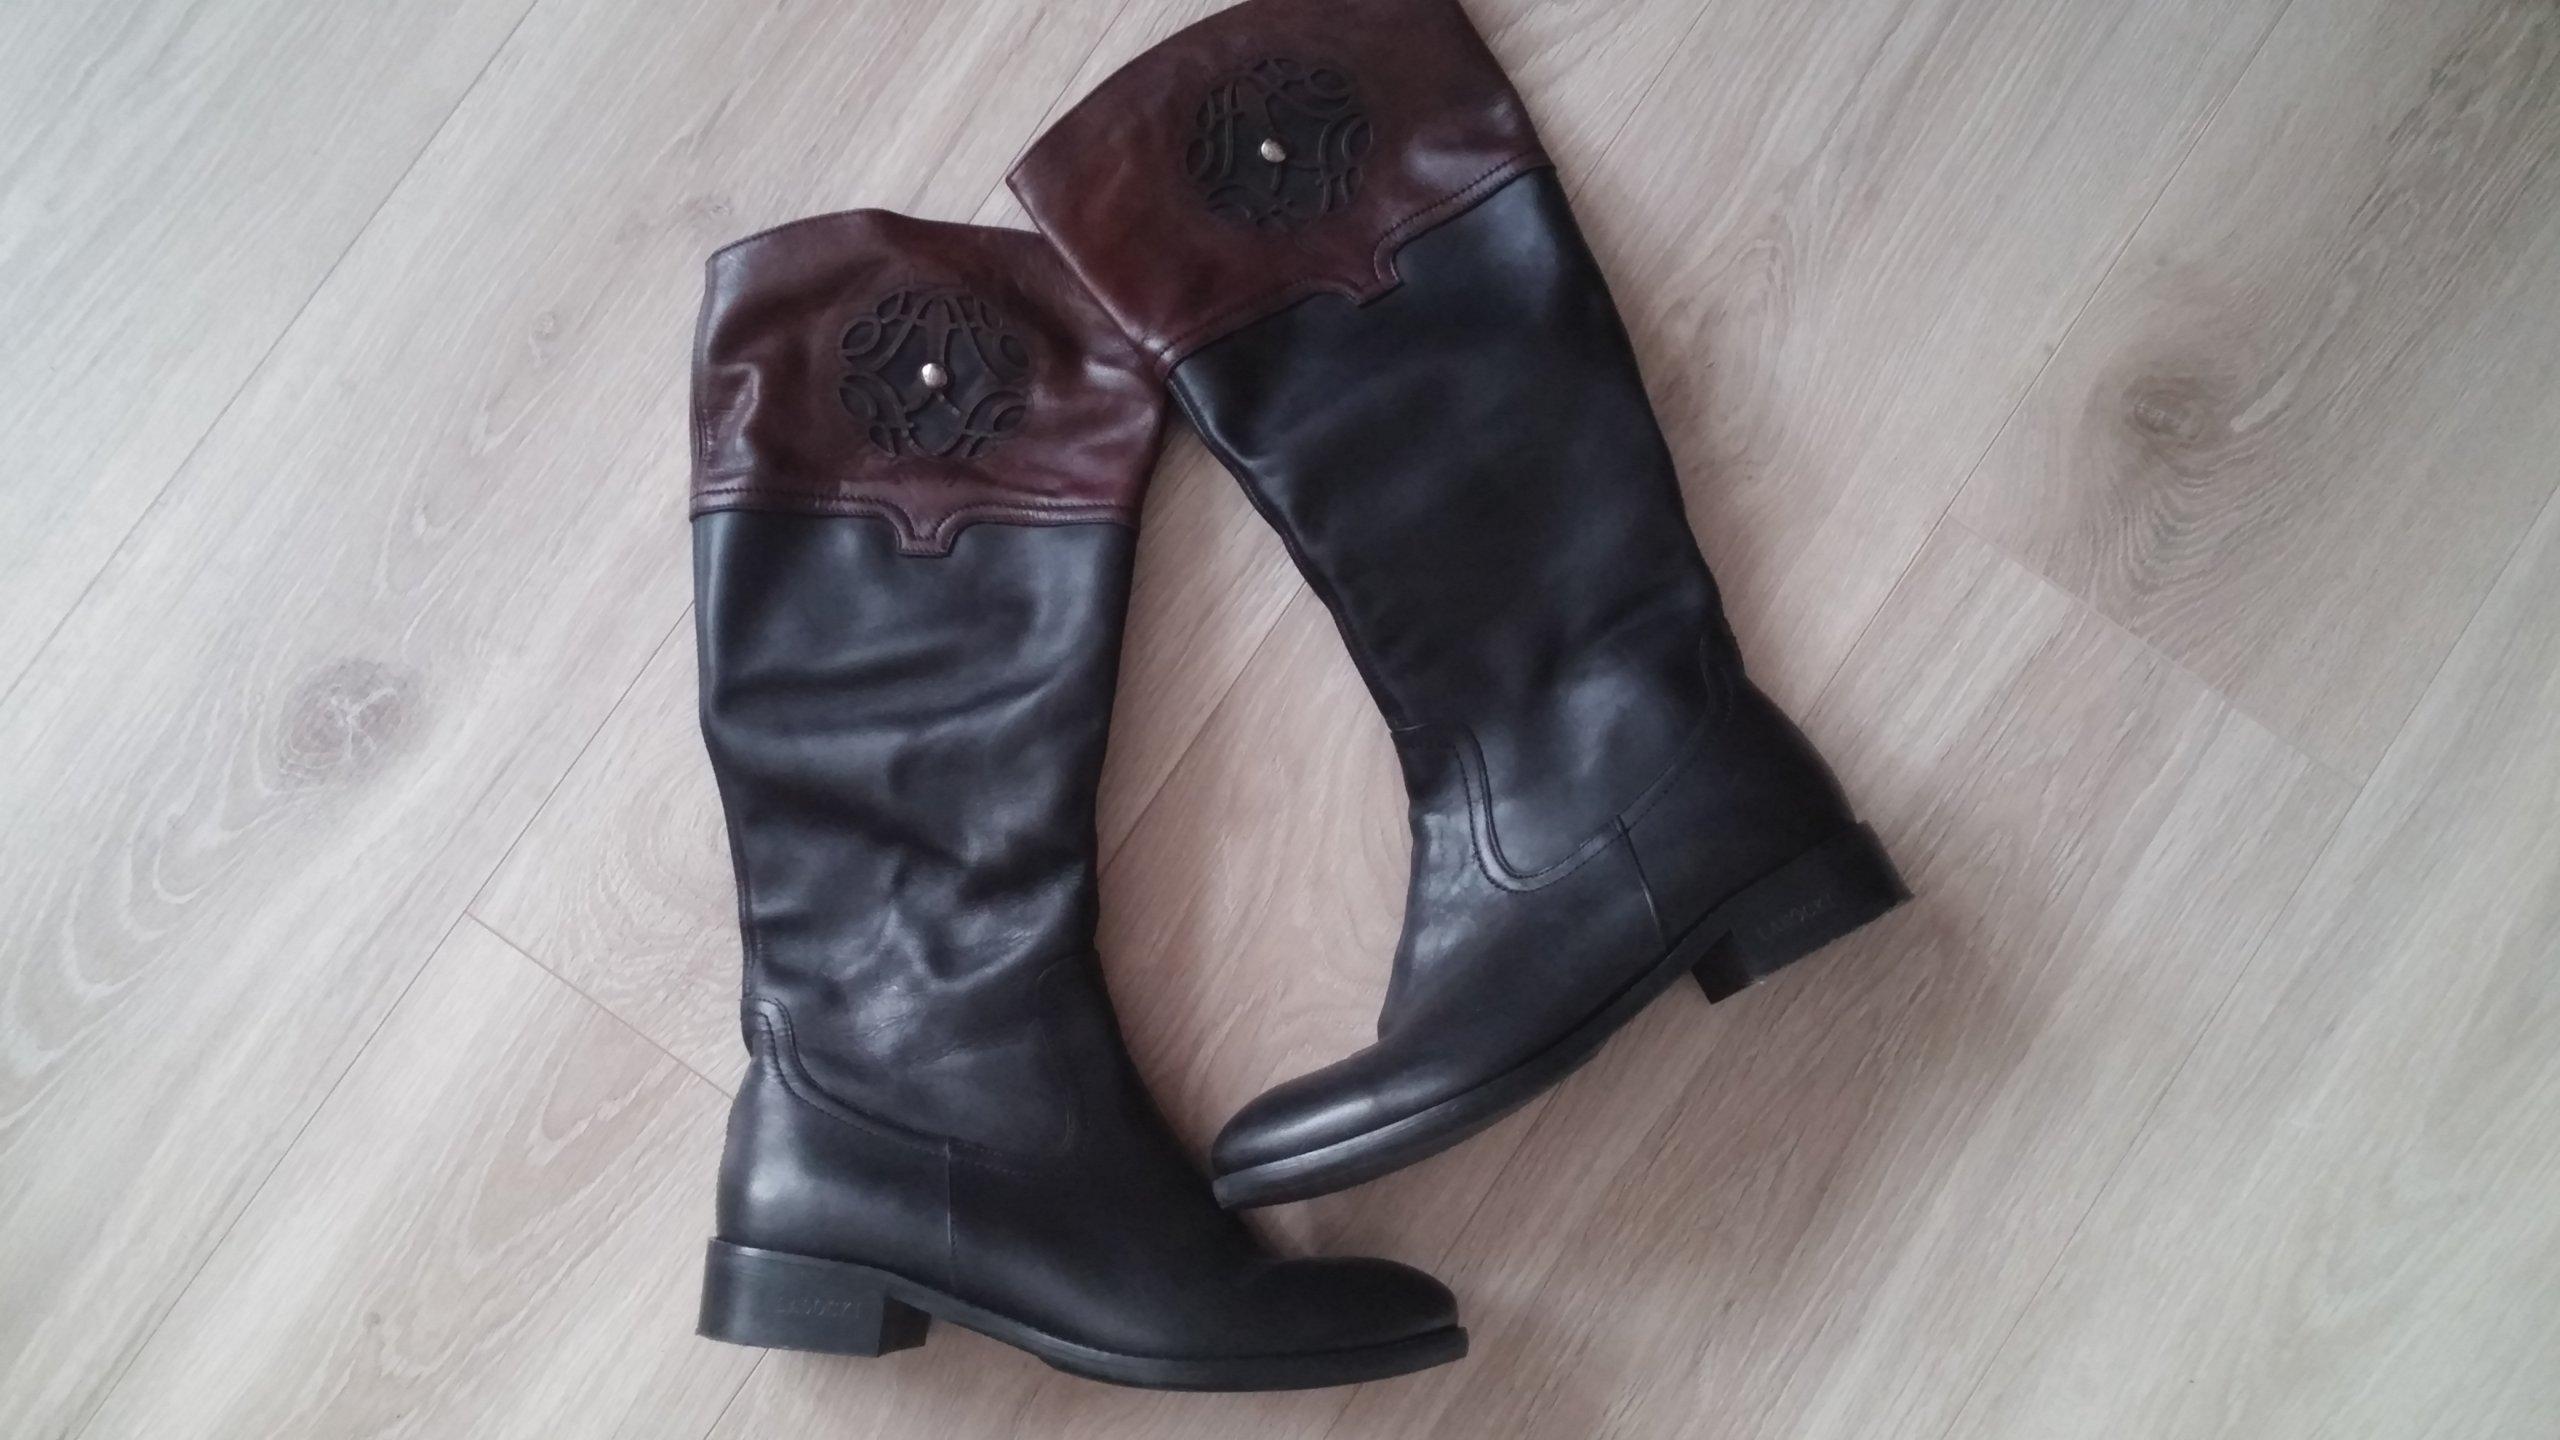 0c0f43bef28d1 Kozaki Lasocki CCC czarne buty zima_40 - 7063968746 - oficjalne ...